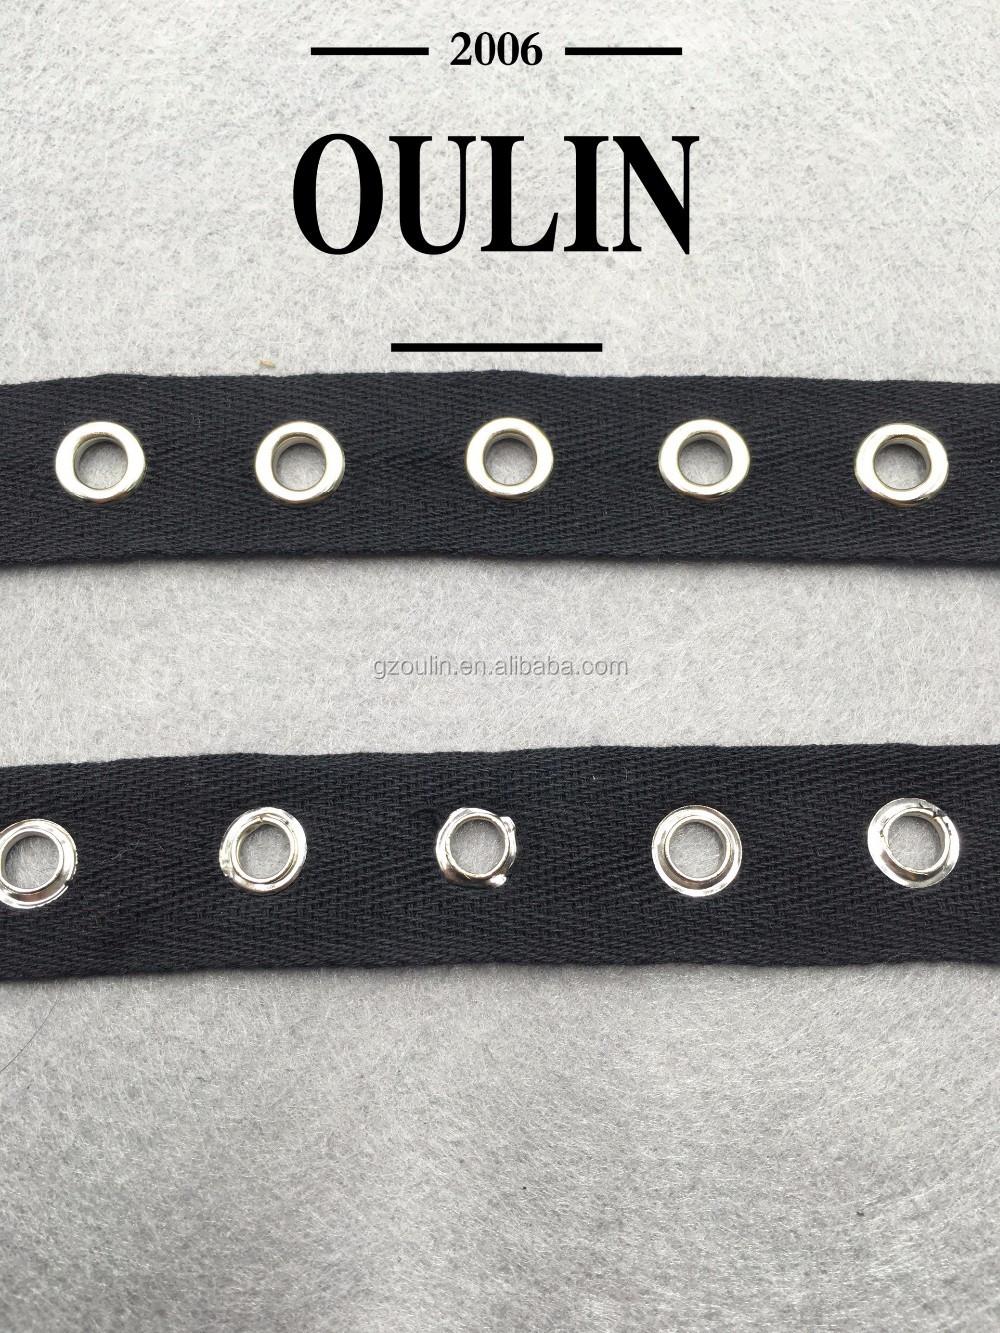 Terbaru Hitam Cotton Ribbon Pita Dengan Lubang Cincin Kustom Blet Black Untuk Berpakaian